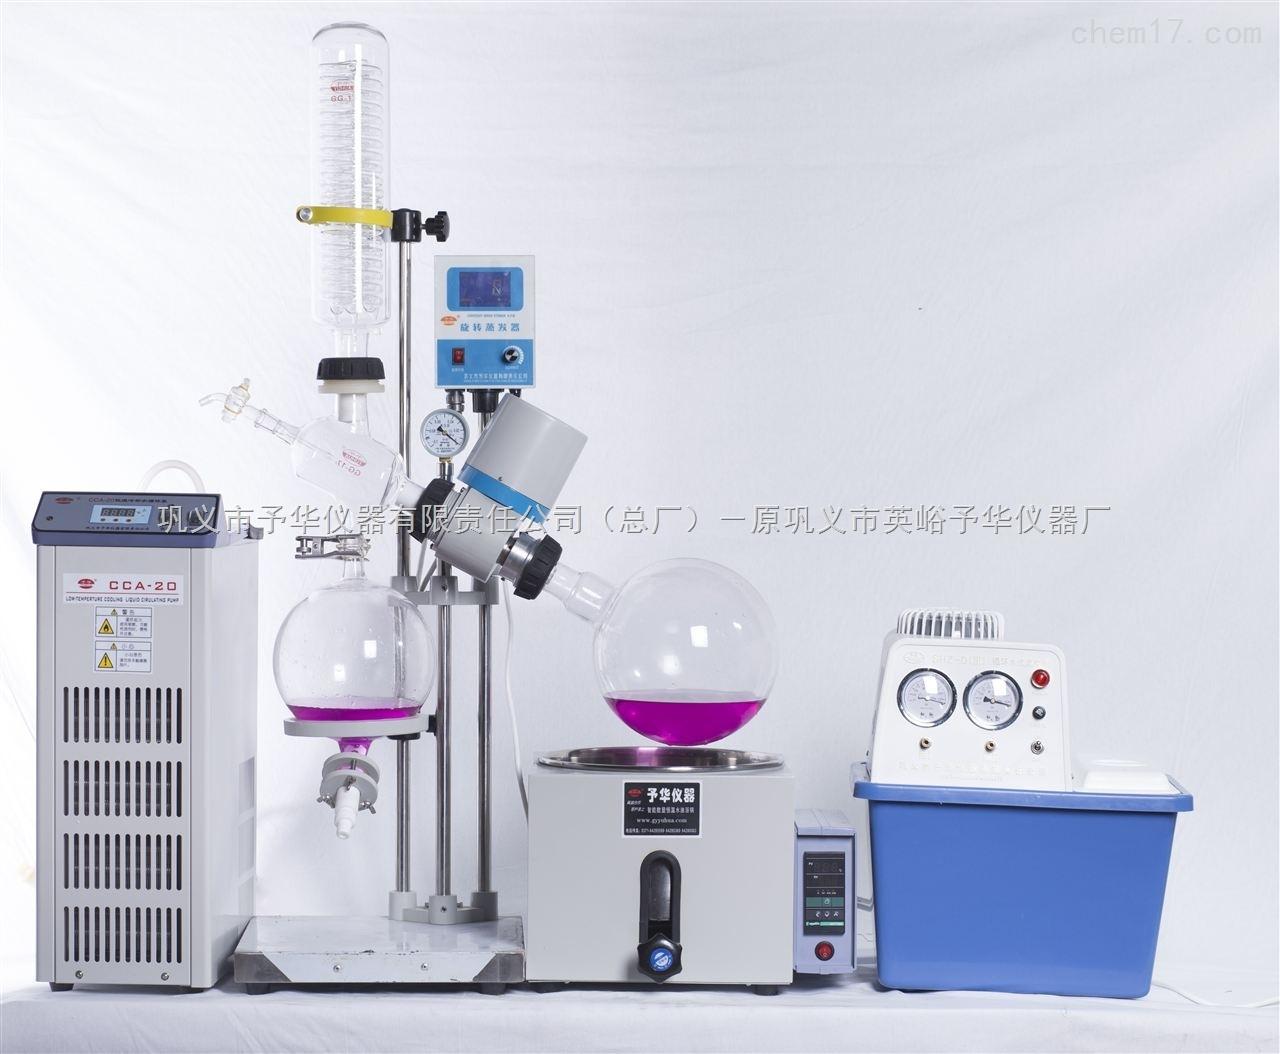 YRE-501型旋转蒸发器(巩义市予华仪器-厂家)